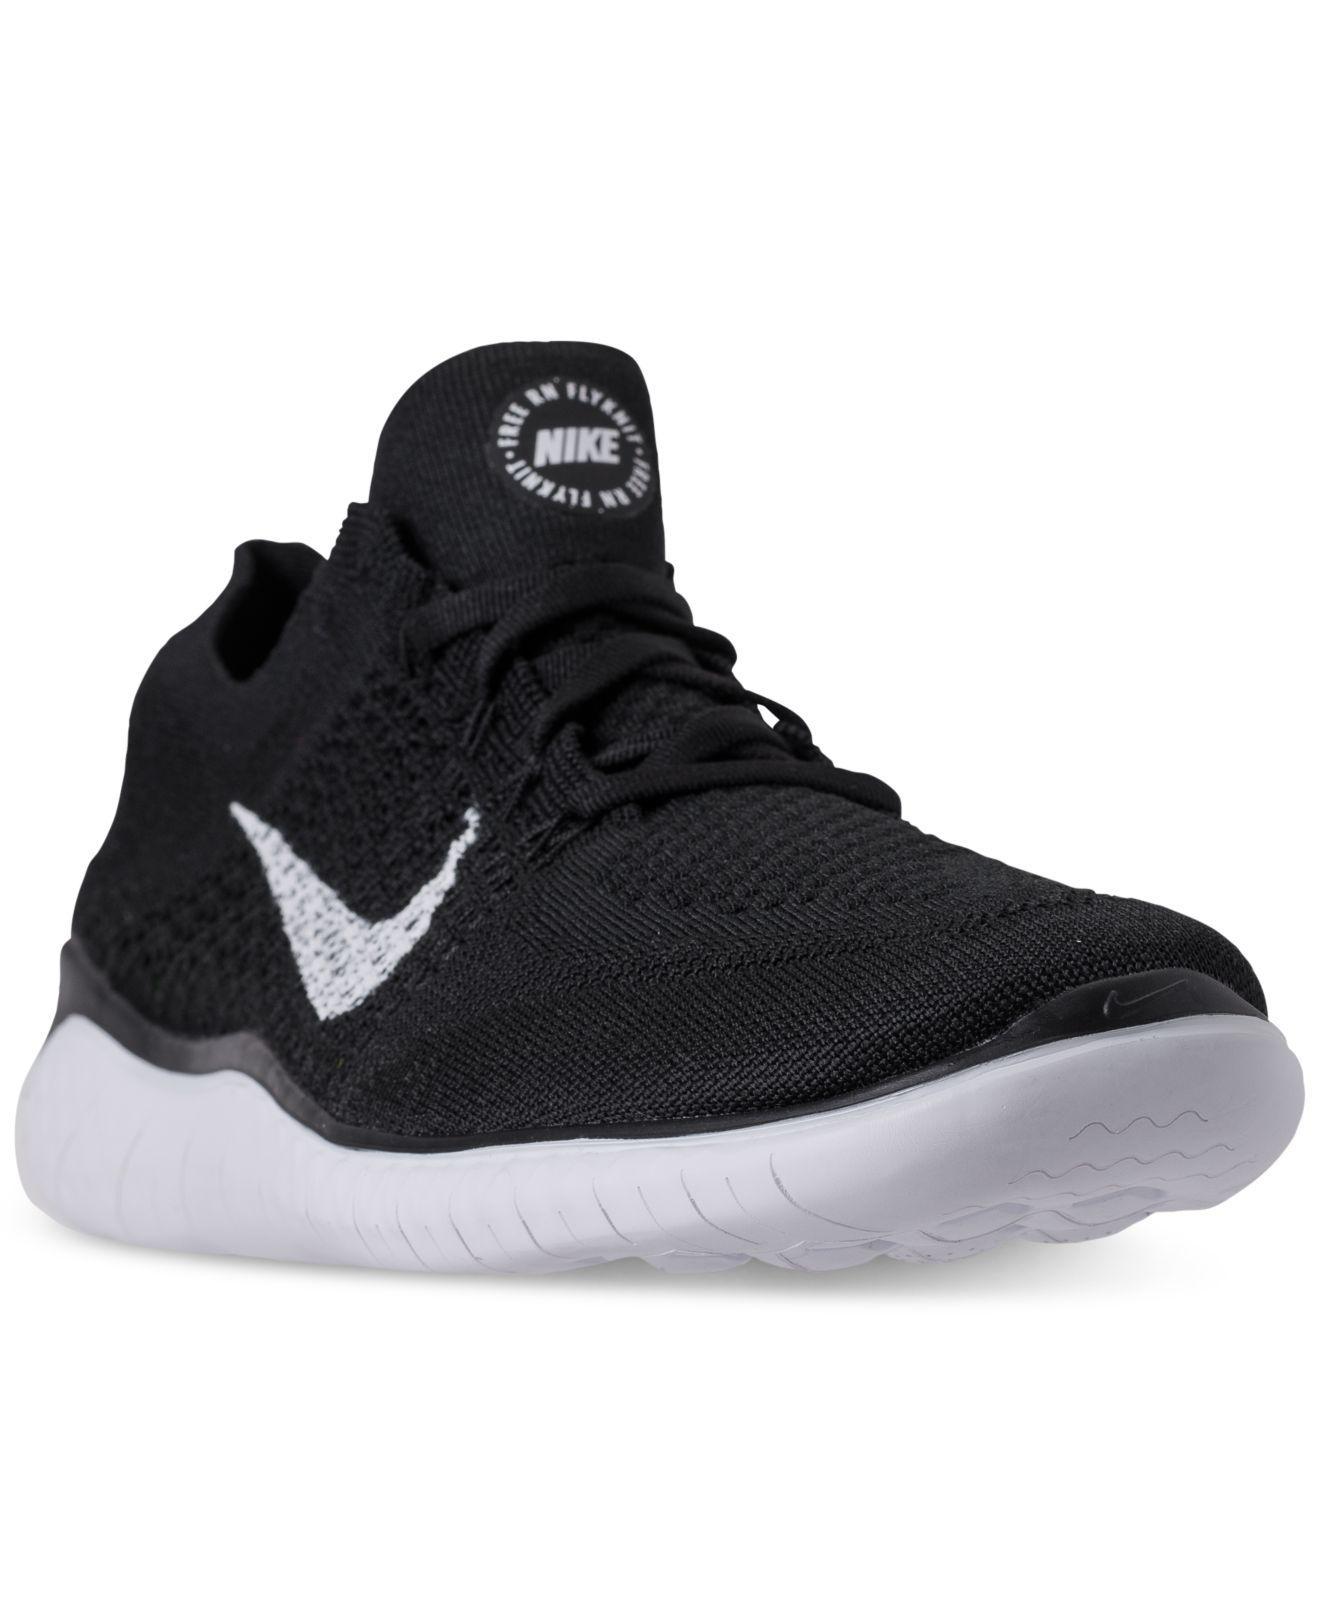 Lyst 2018 Nike Free Rn Flyknit 2018 Lyst Running Zapatillas De La Línea De Meta 321c36